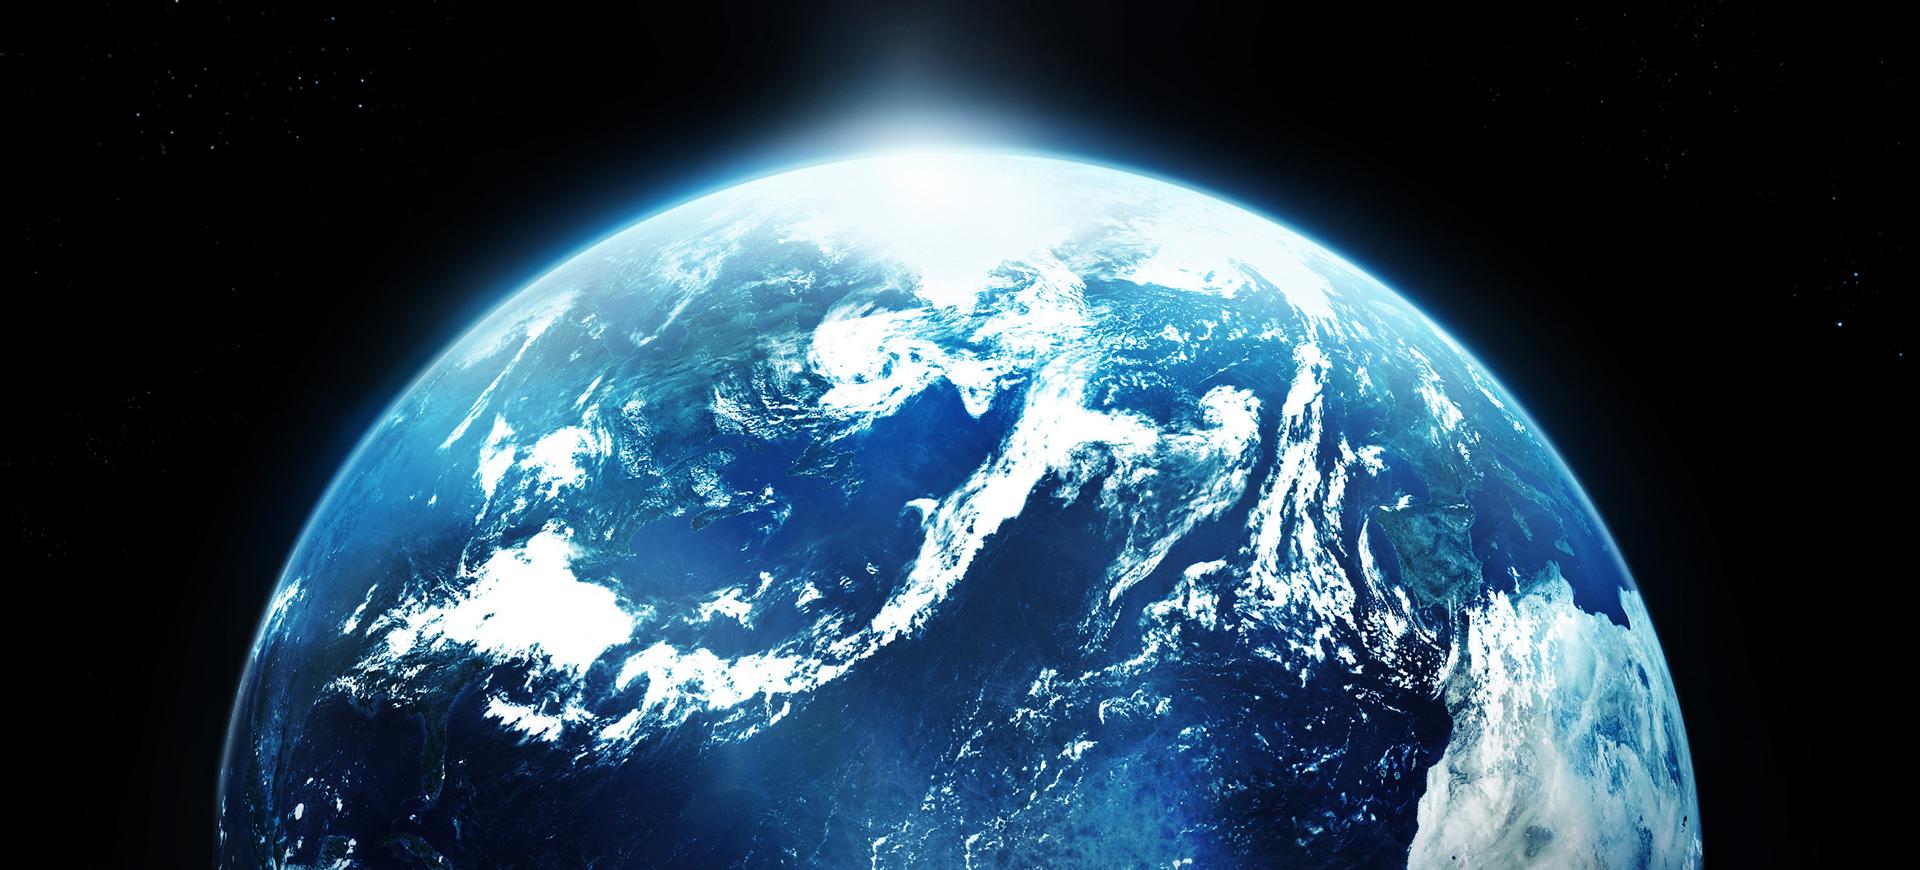 5 façons simples de célébrer chaque jour le Jour de la Terre